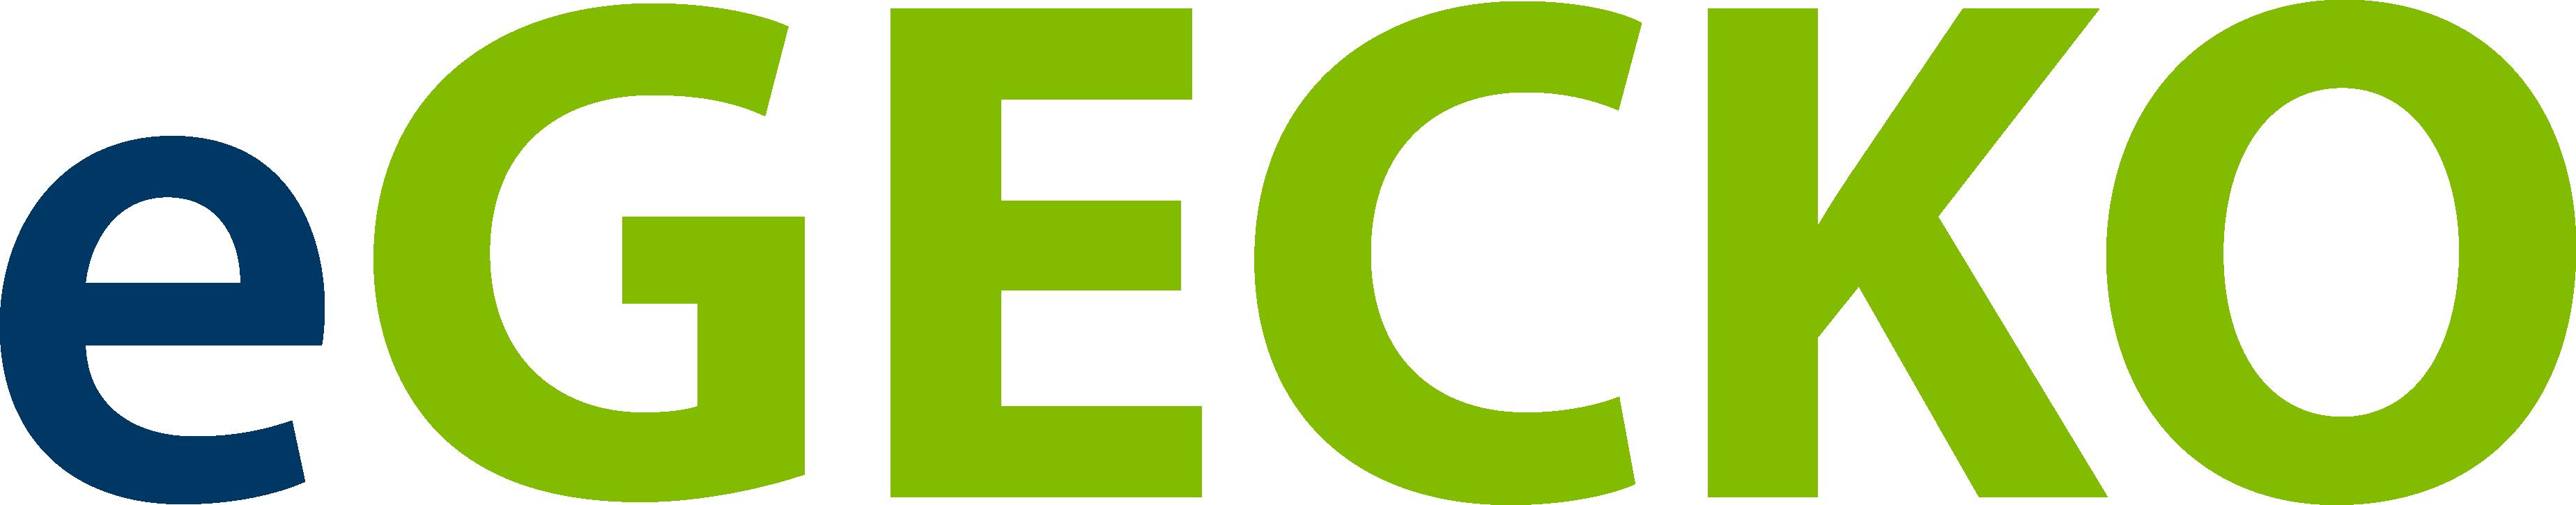 Logo eGecko Hetkamp